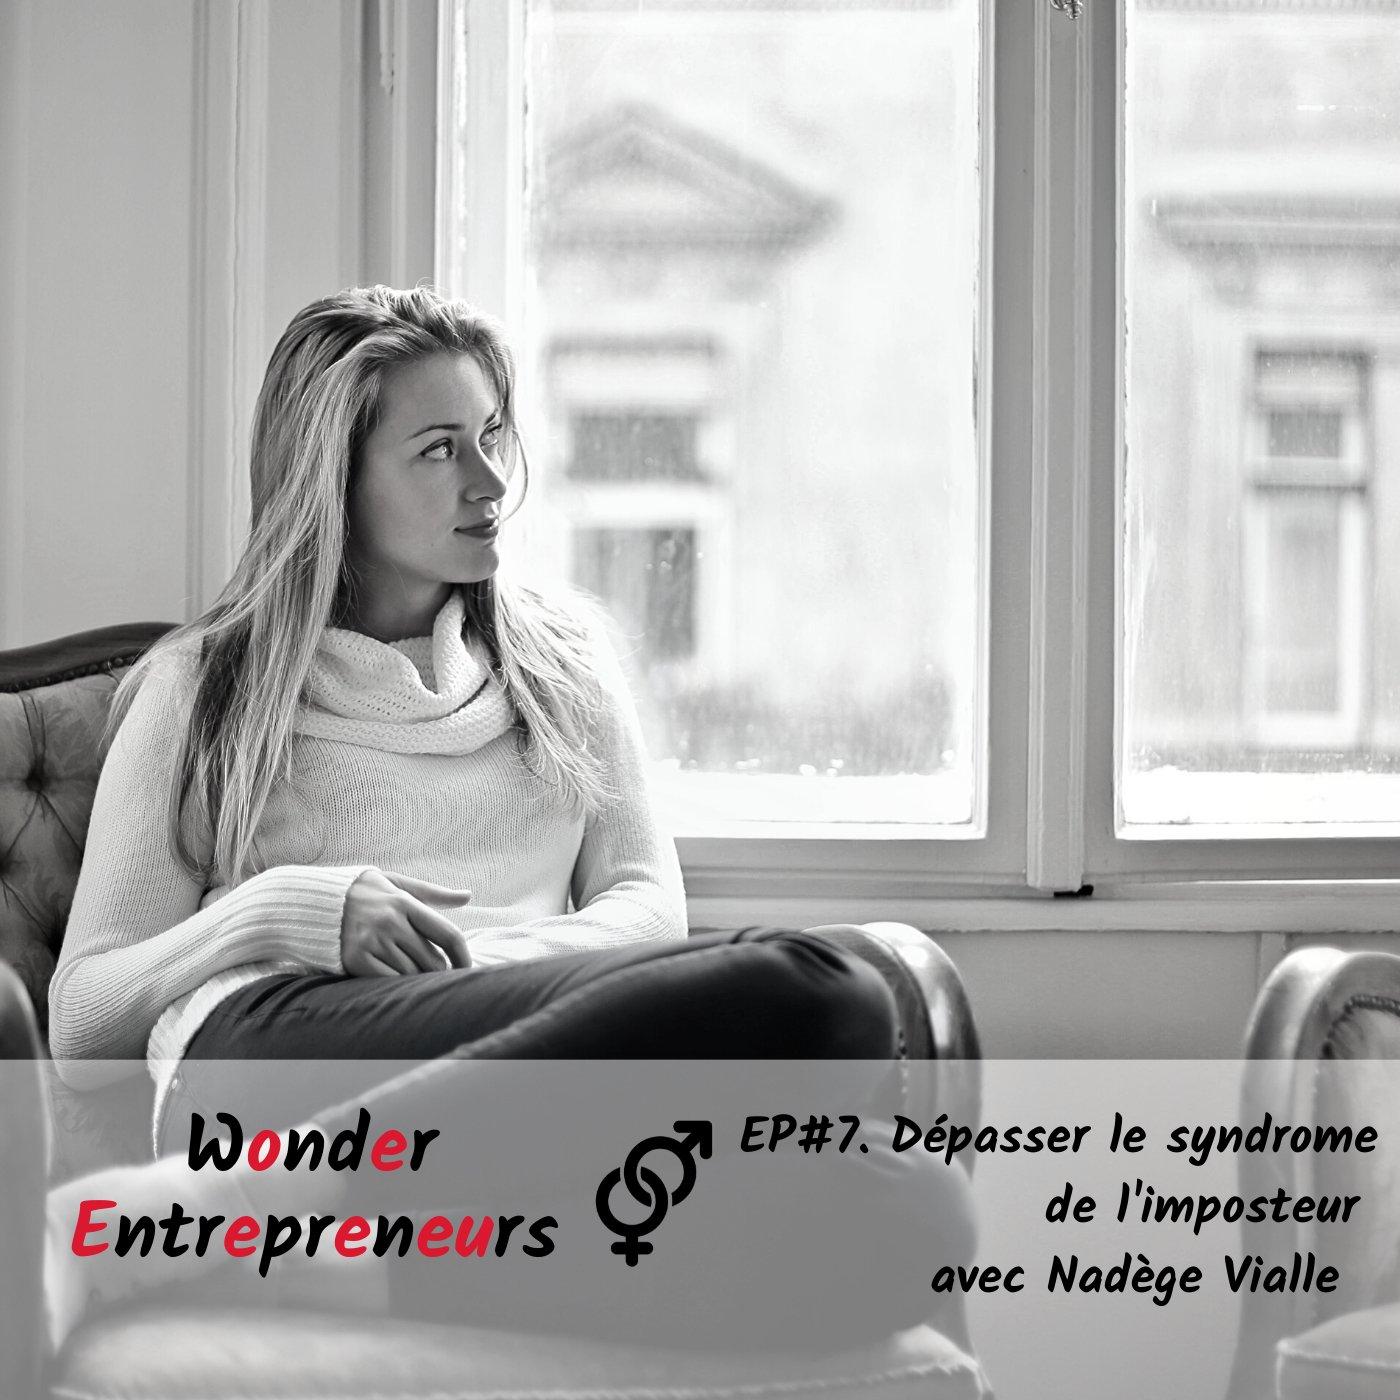 EP 7 WONDER ENTREPRENEUR DEPASSER LE SYNDROME DE L'IMPOSTEUR AVEC NADEGE VIALLE